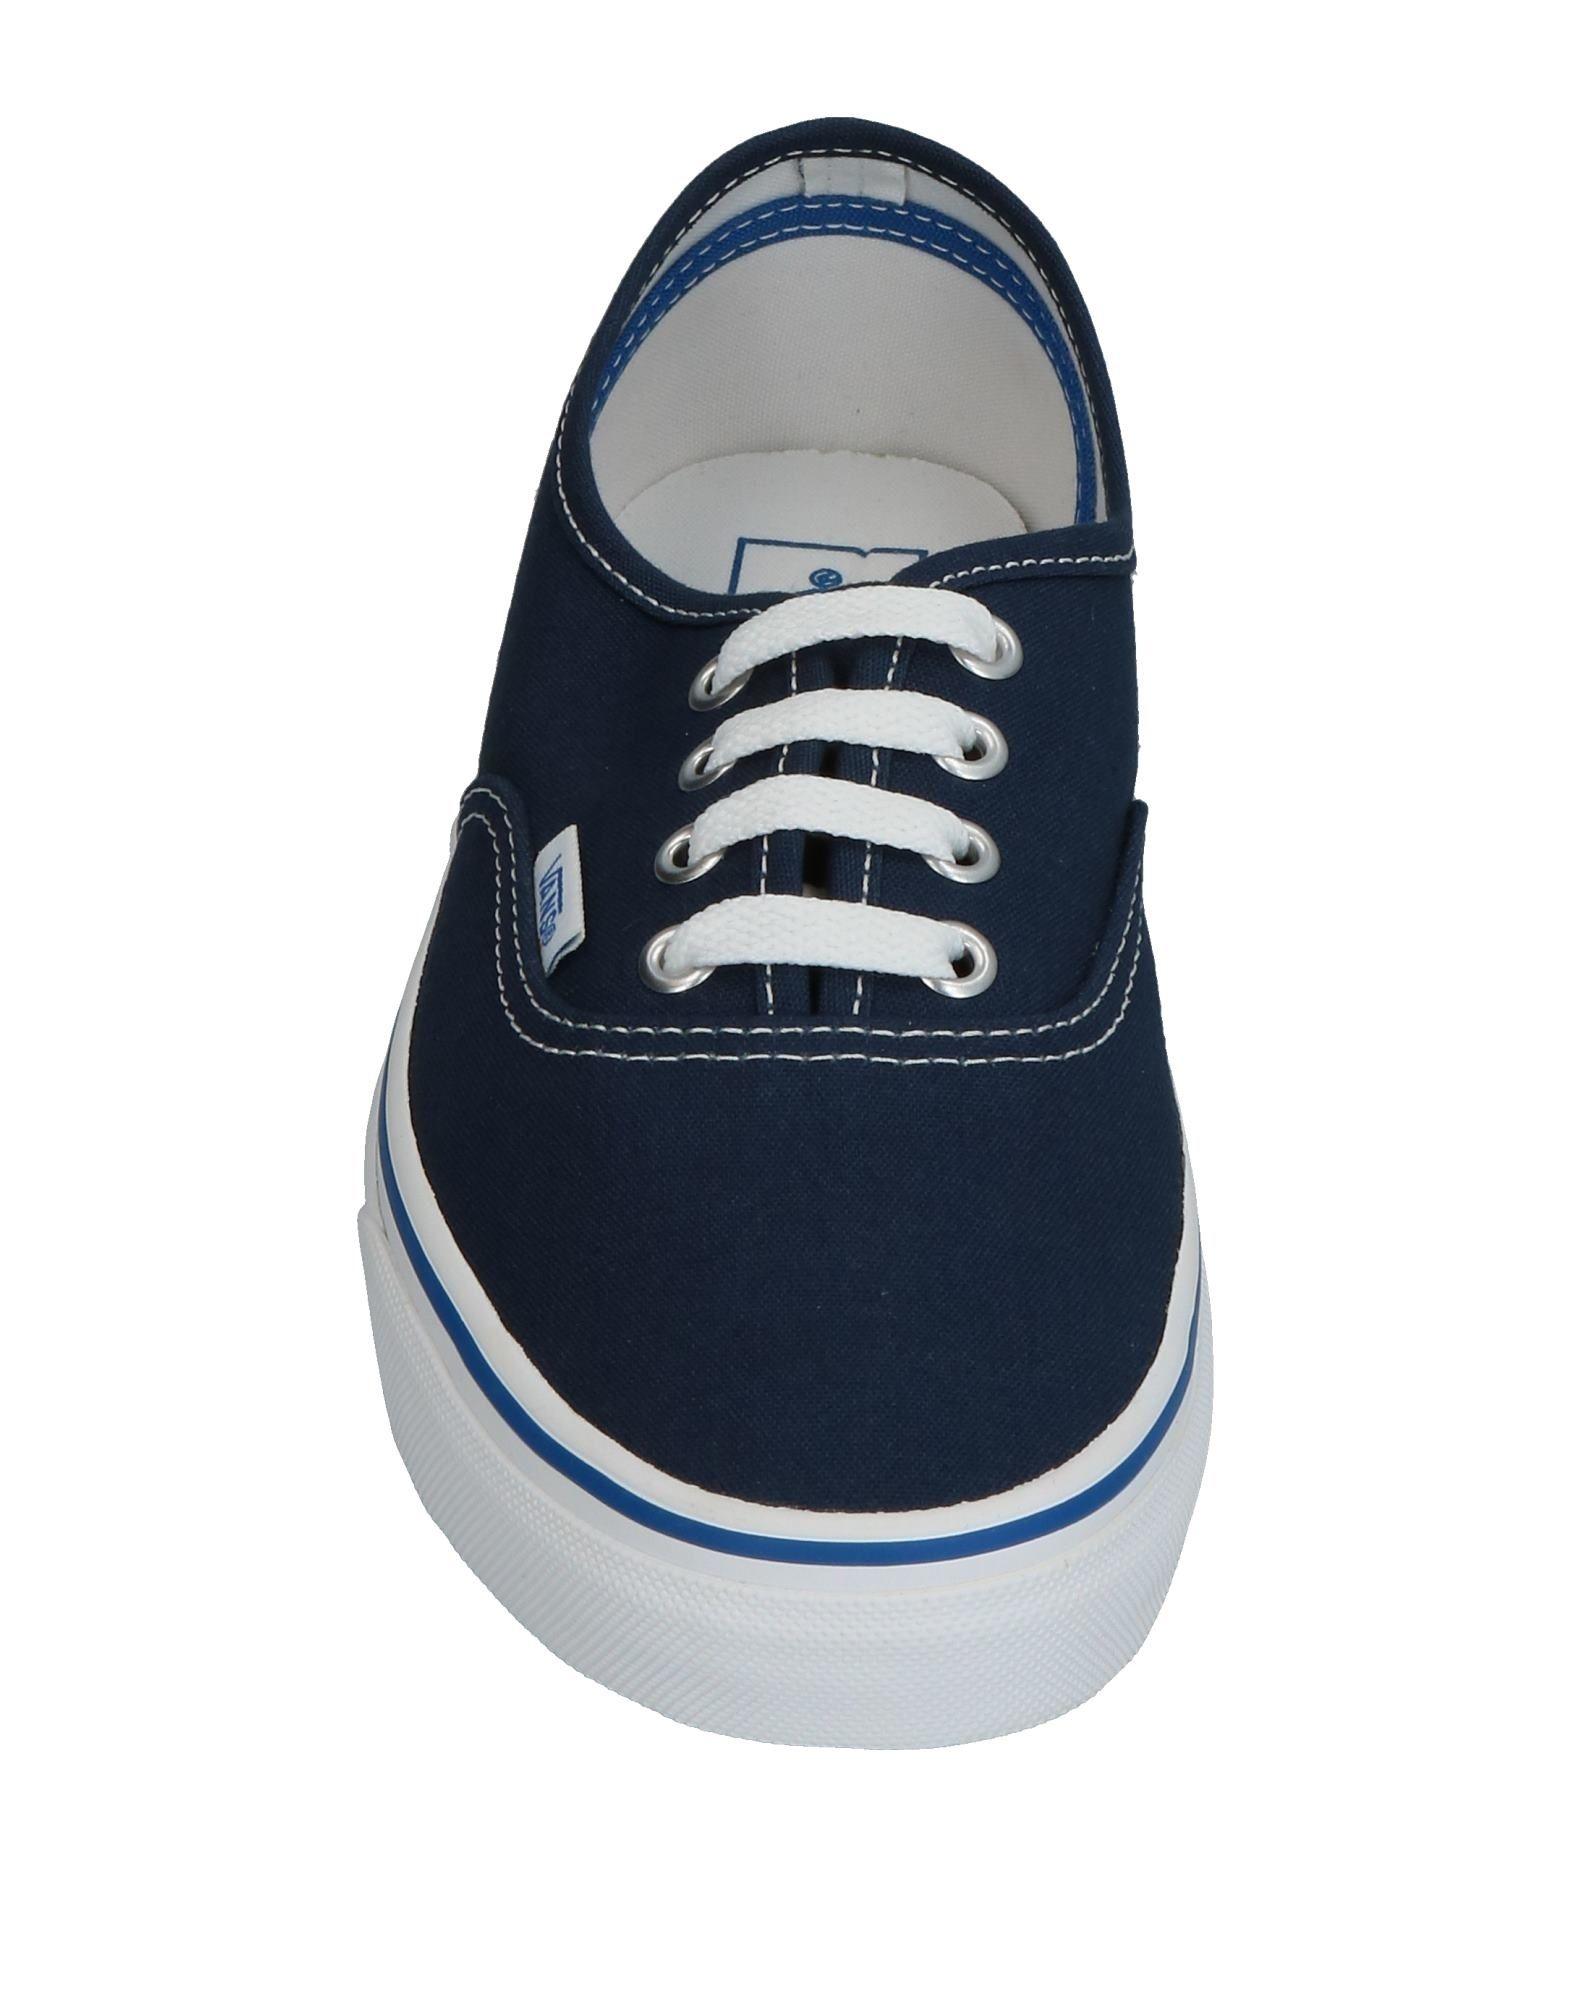 Vans Sneakers Damen  11325147AR Gute Gute 11325147AR Qualität beliebte Schuhe c82523